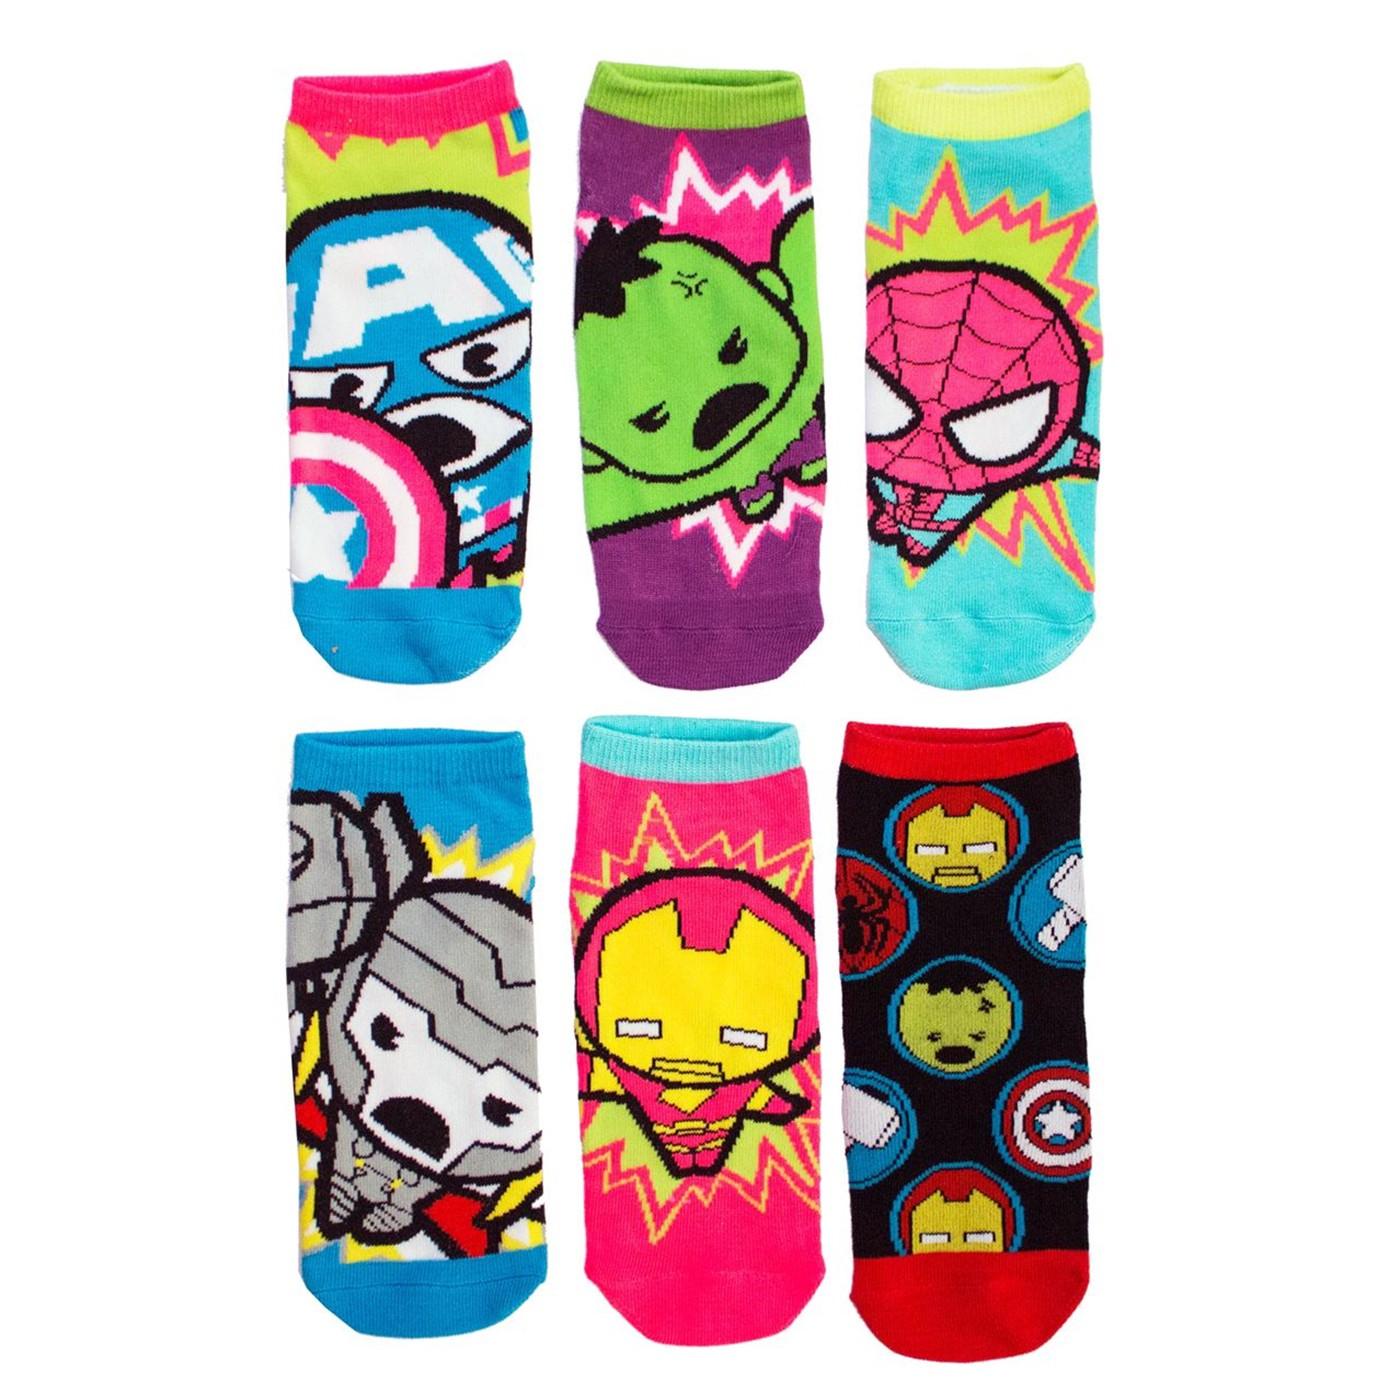 Marvel Heroes 6-pack Women's Ankle socks